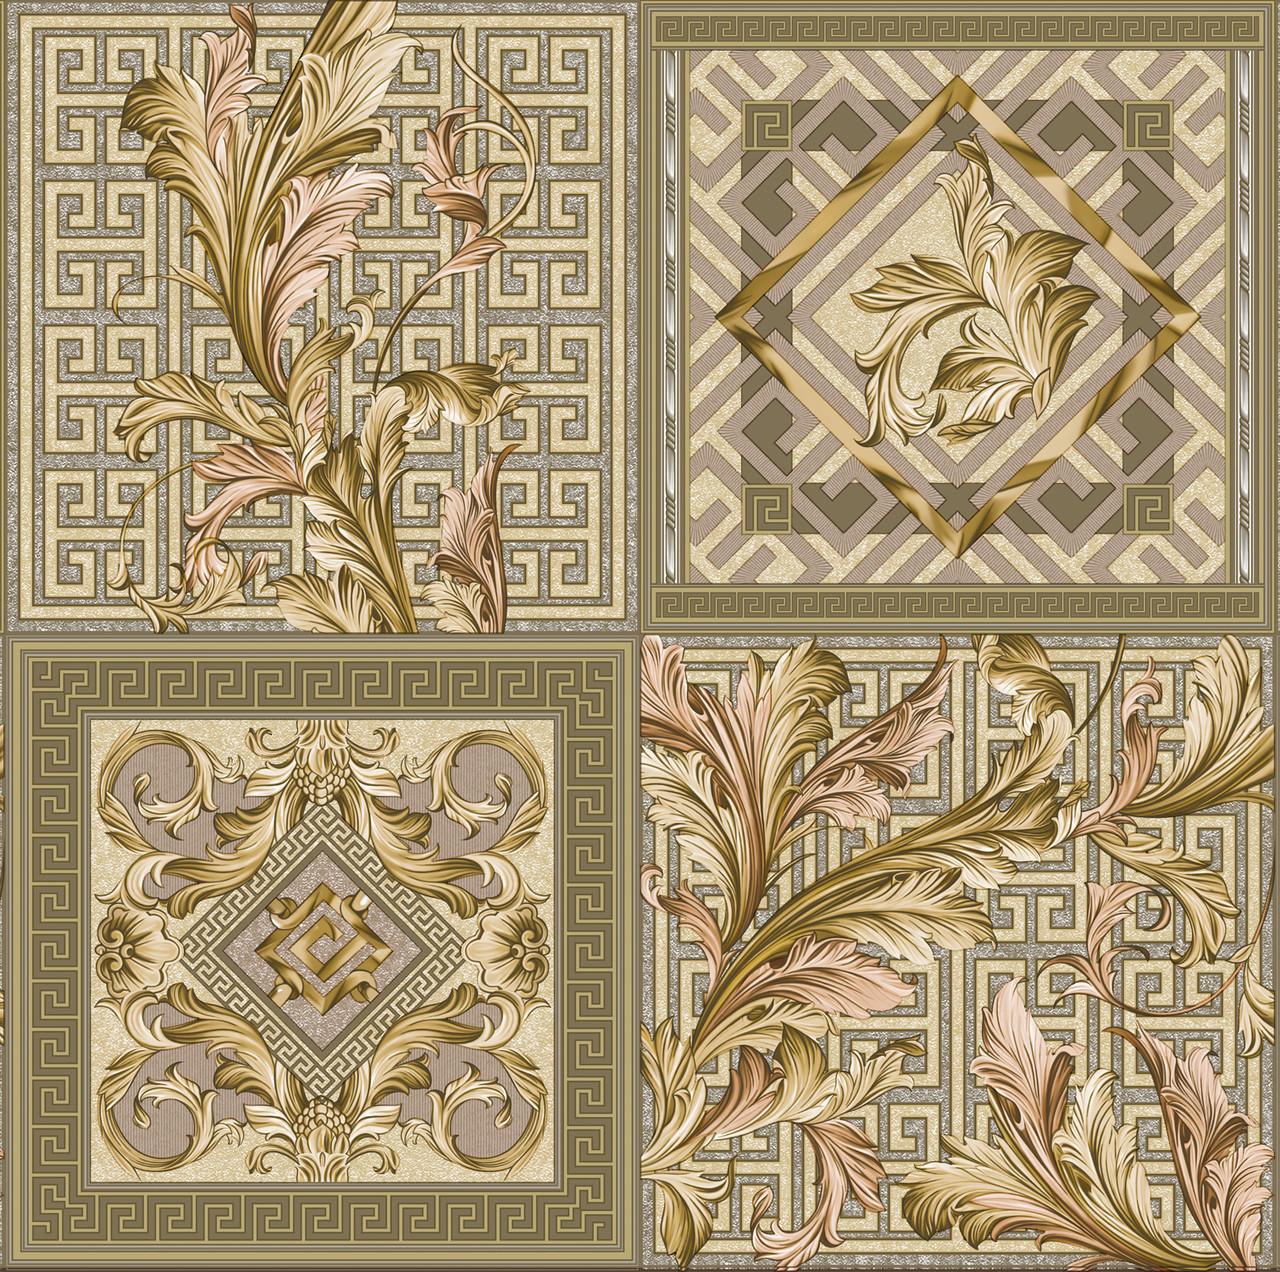 Шпалери паперові вологостійкі Версаче кахель оливковий 2159